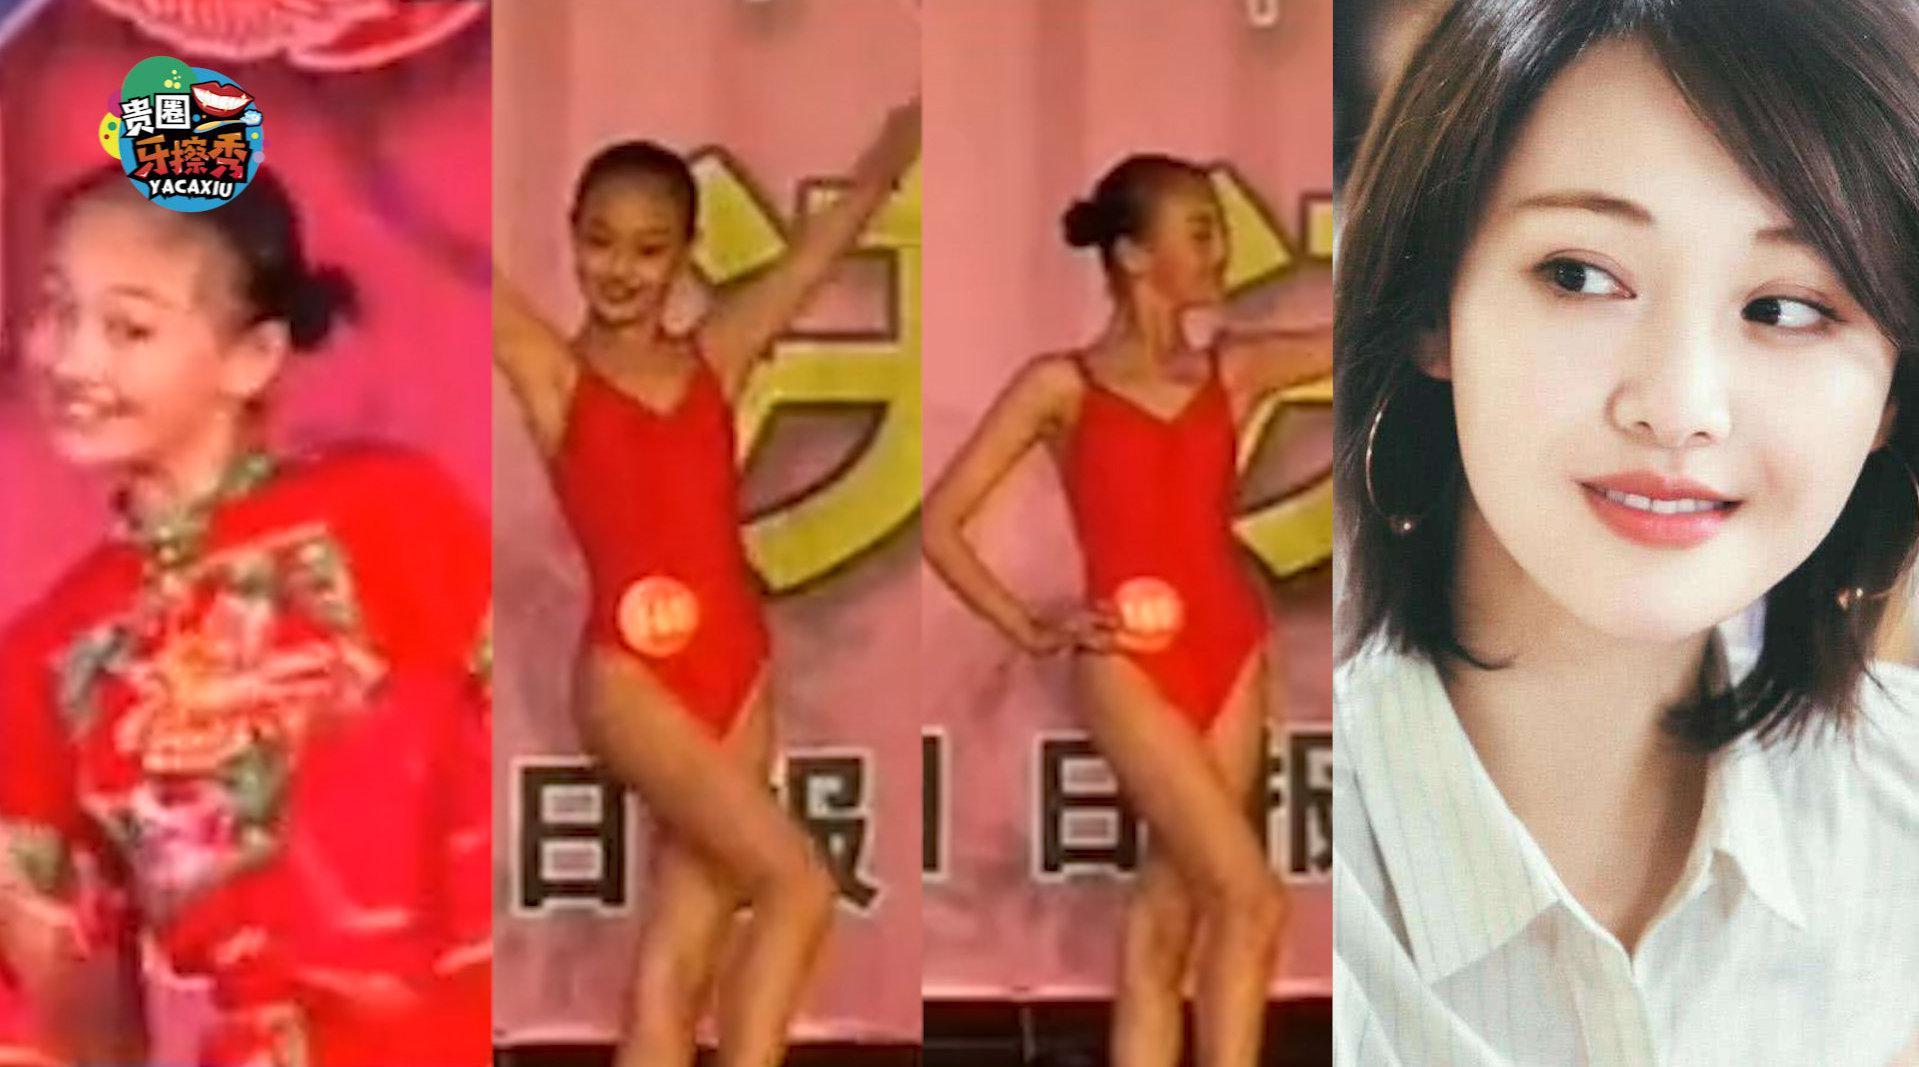 14岁郑爽穿大红泳衣跳舞,手脚纤细身姿柔美,表情管理很到位